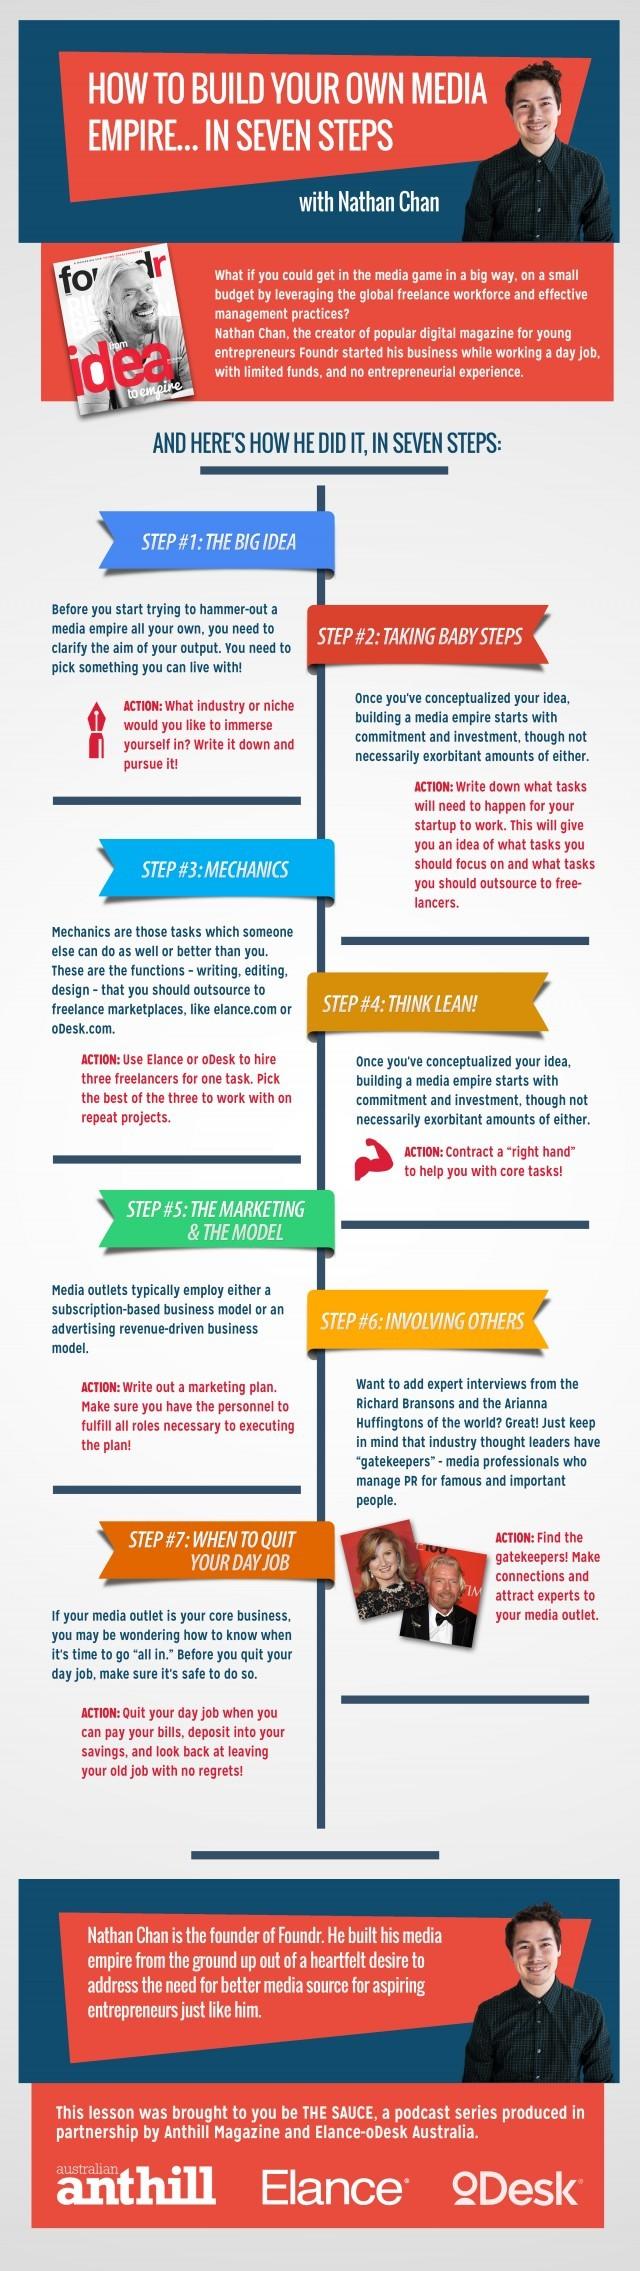 Nathan Chan Infographic